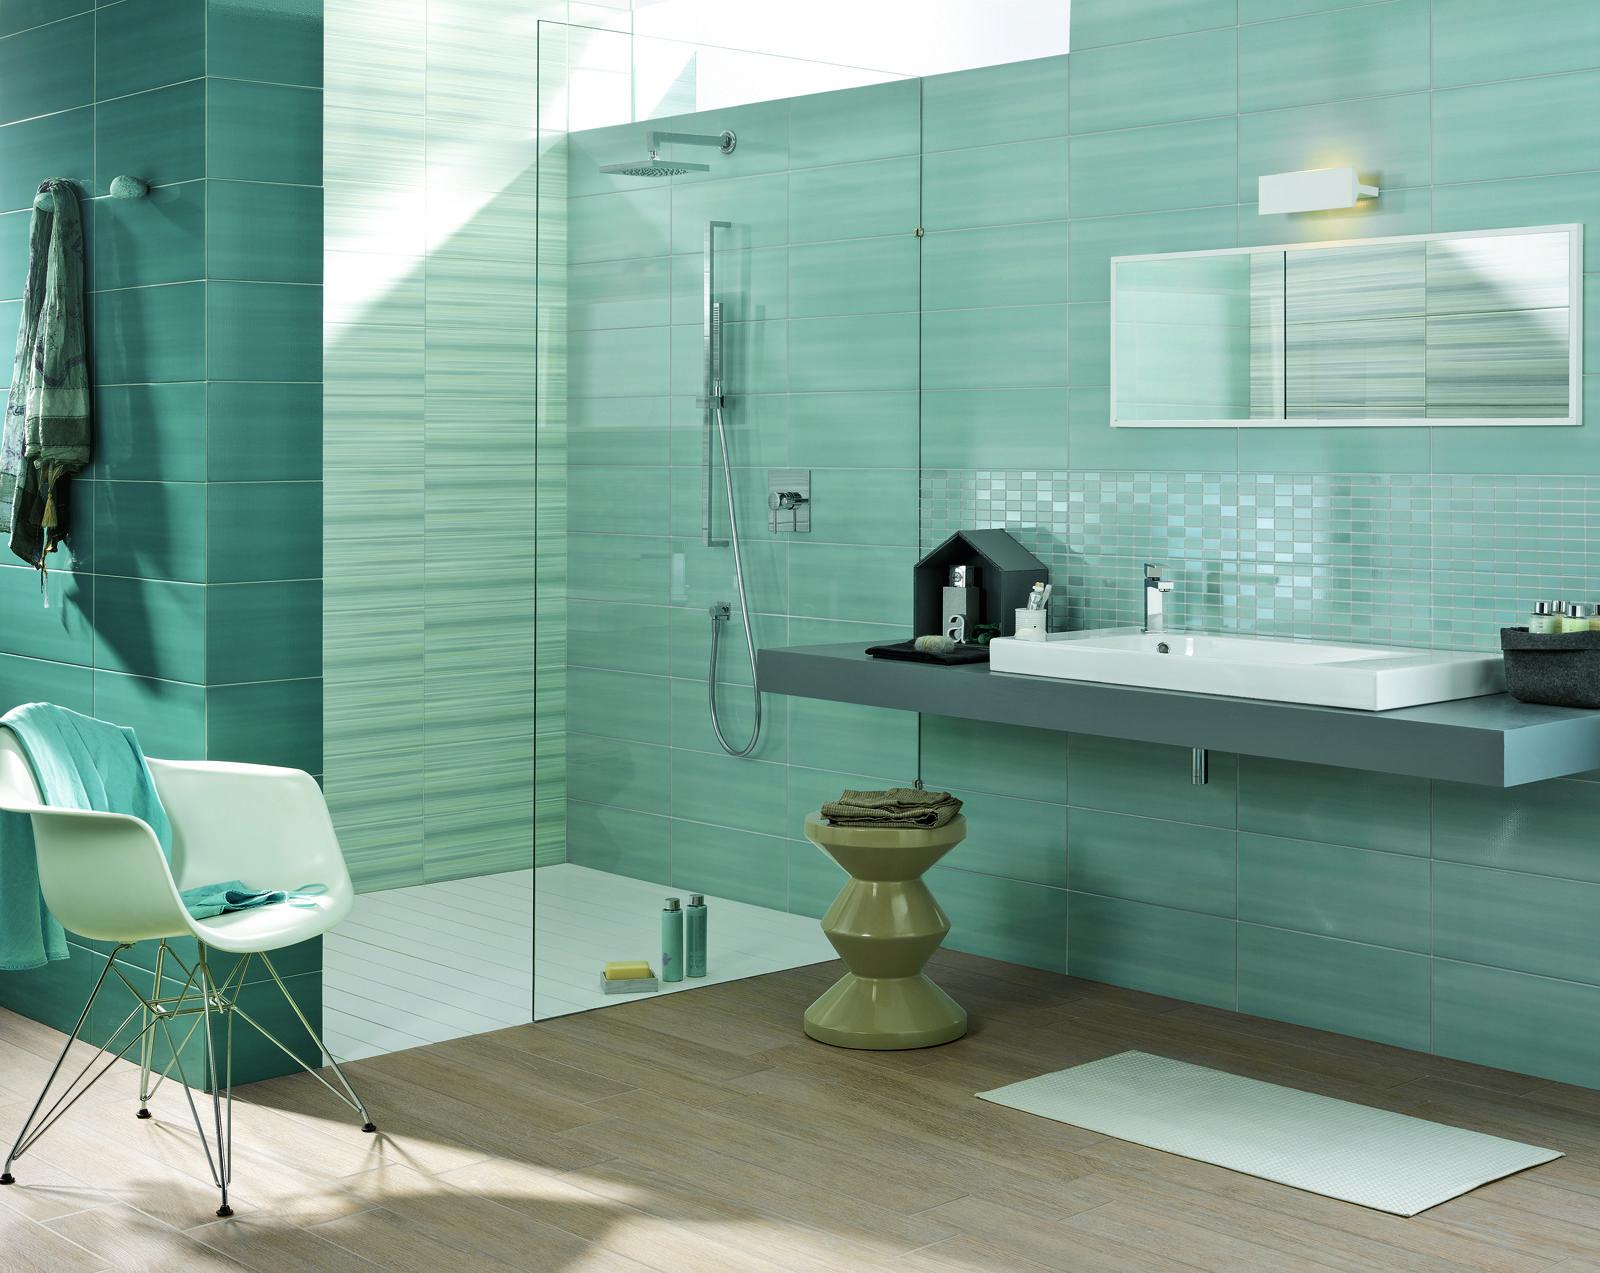 Nuance ceramiche per rivestimento bagno marazzi design casa